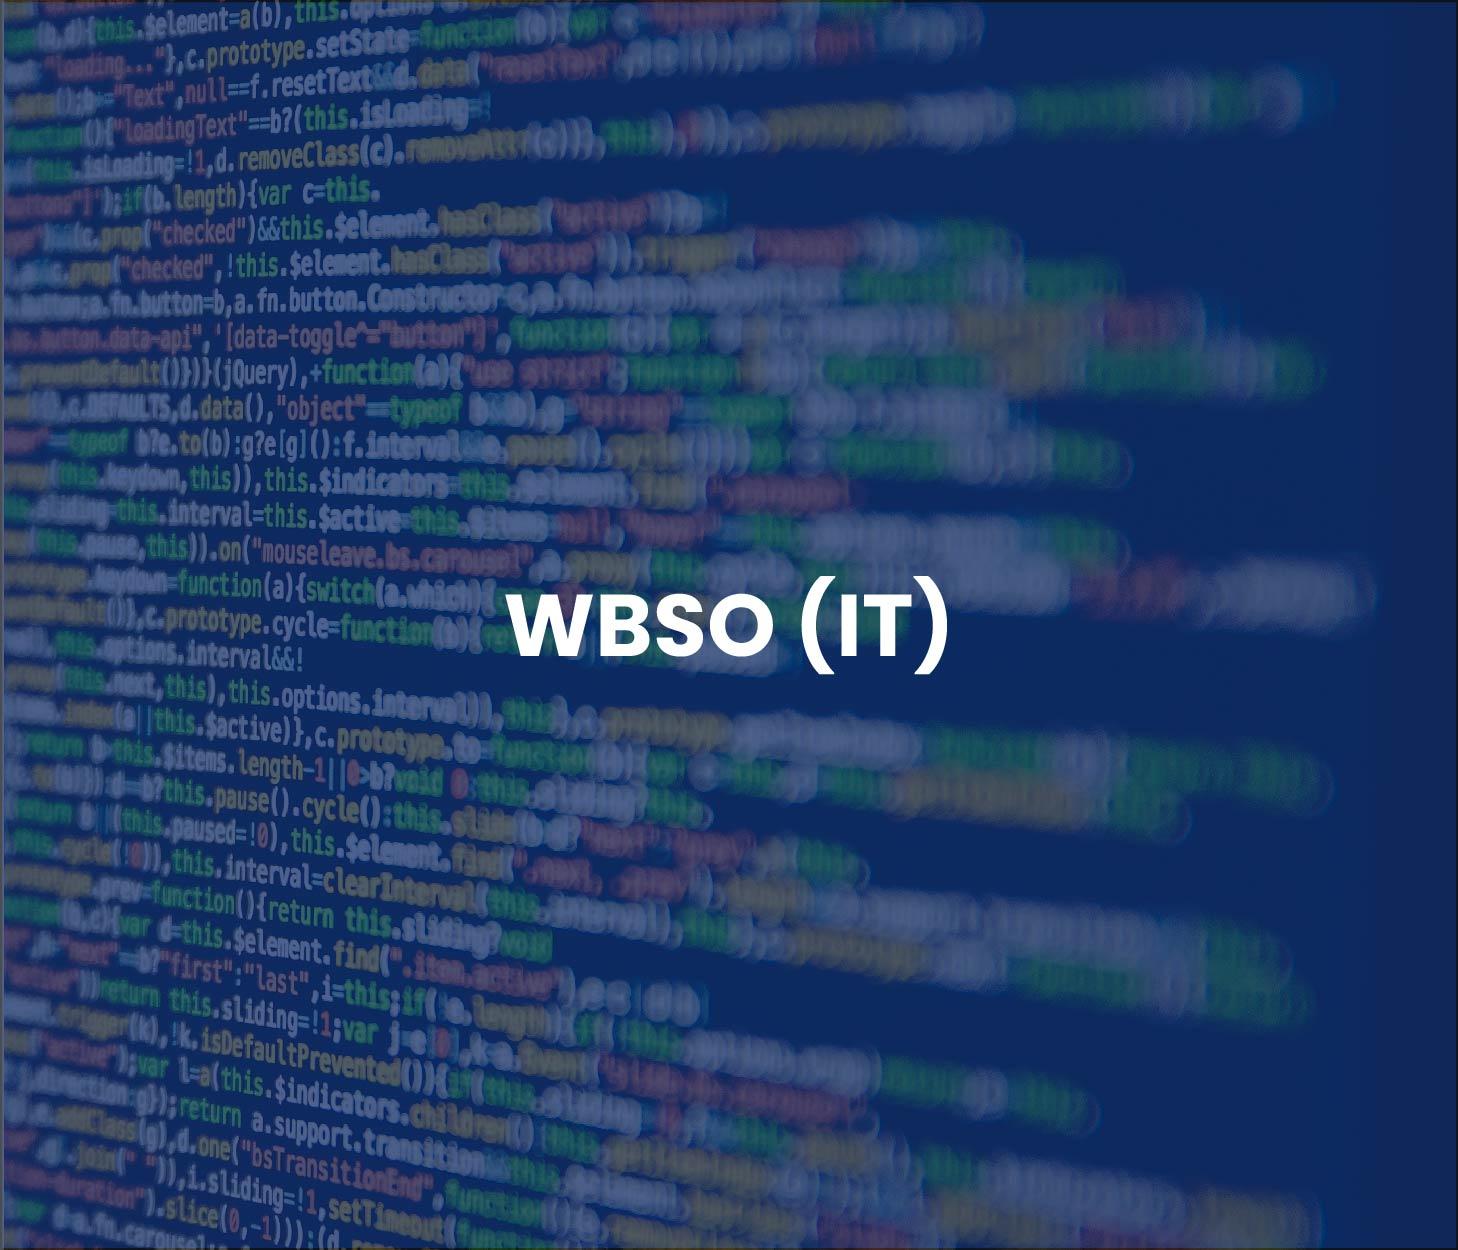 WBSO IT